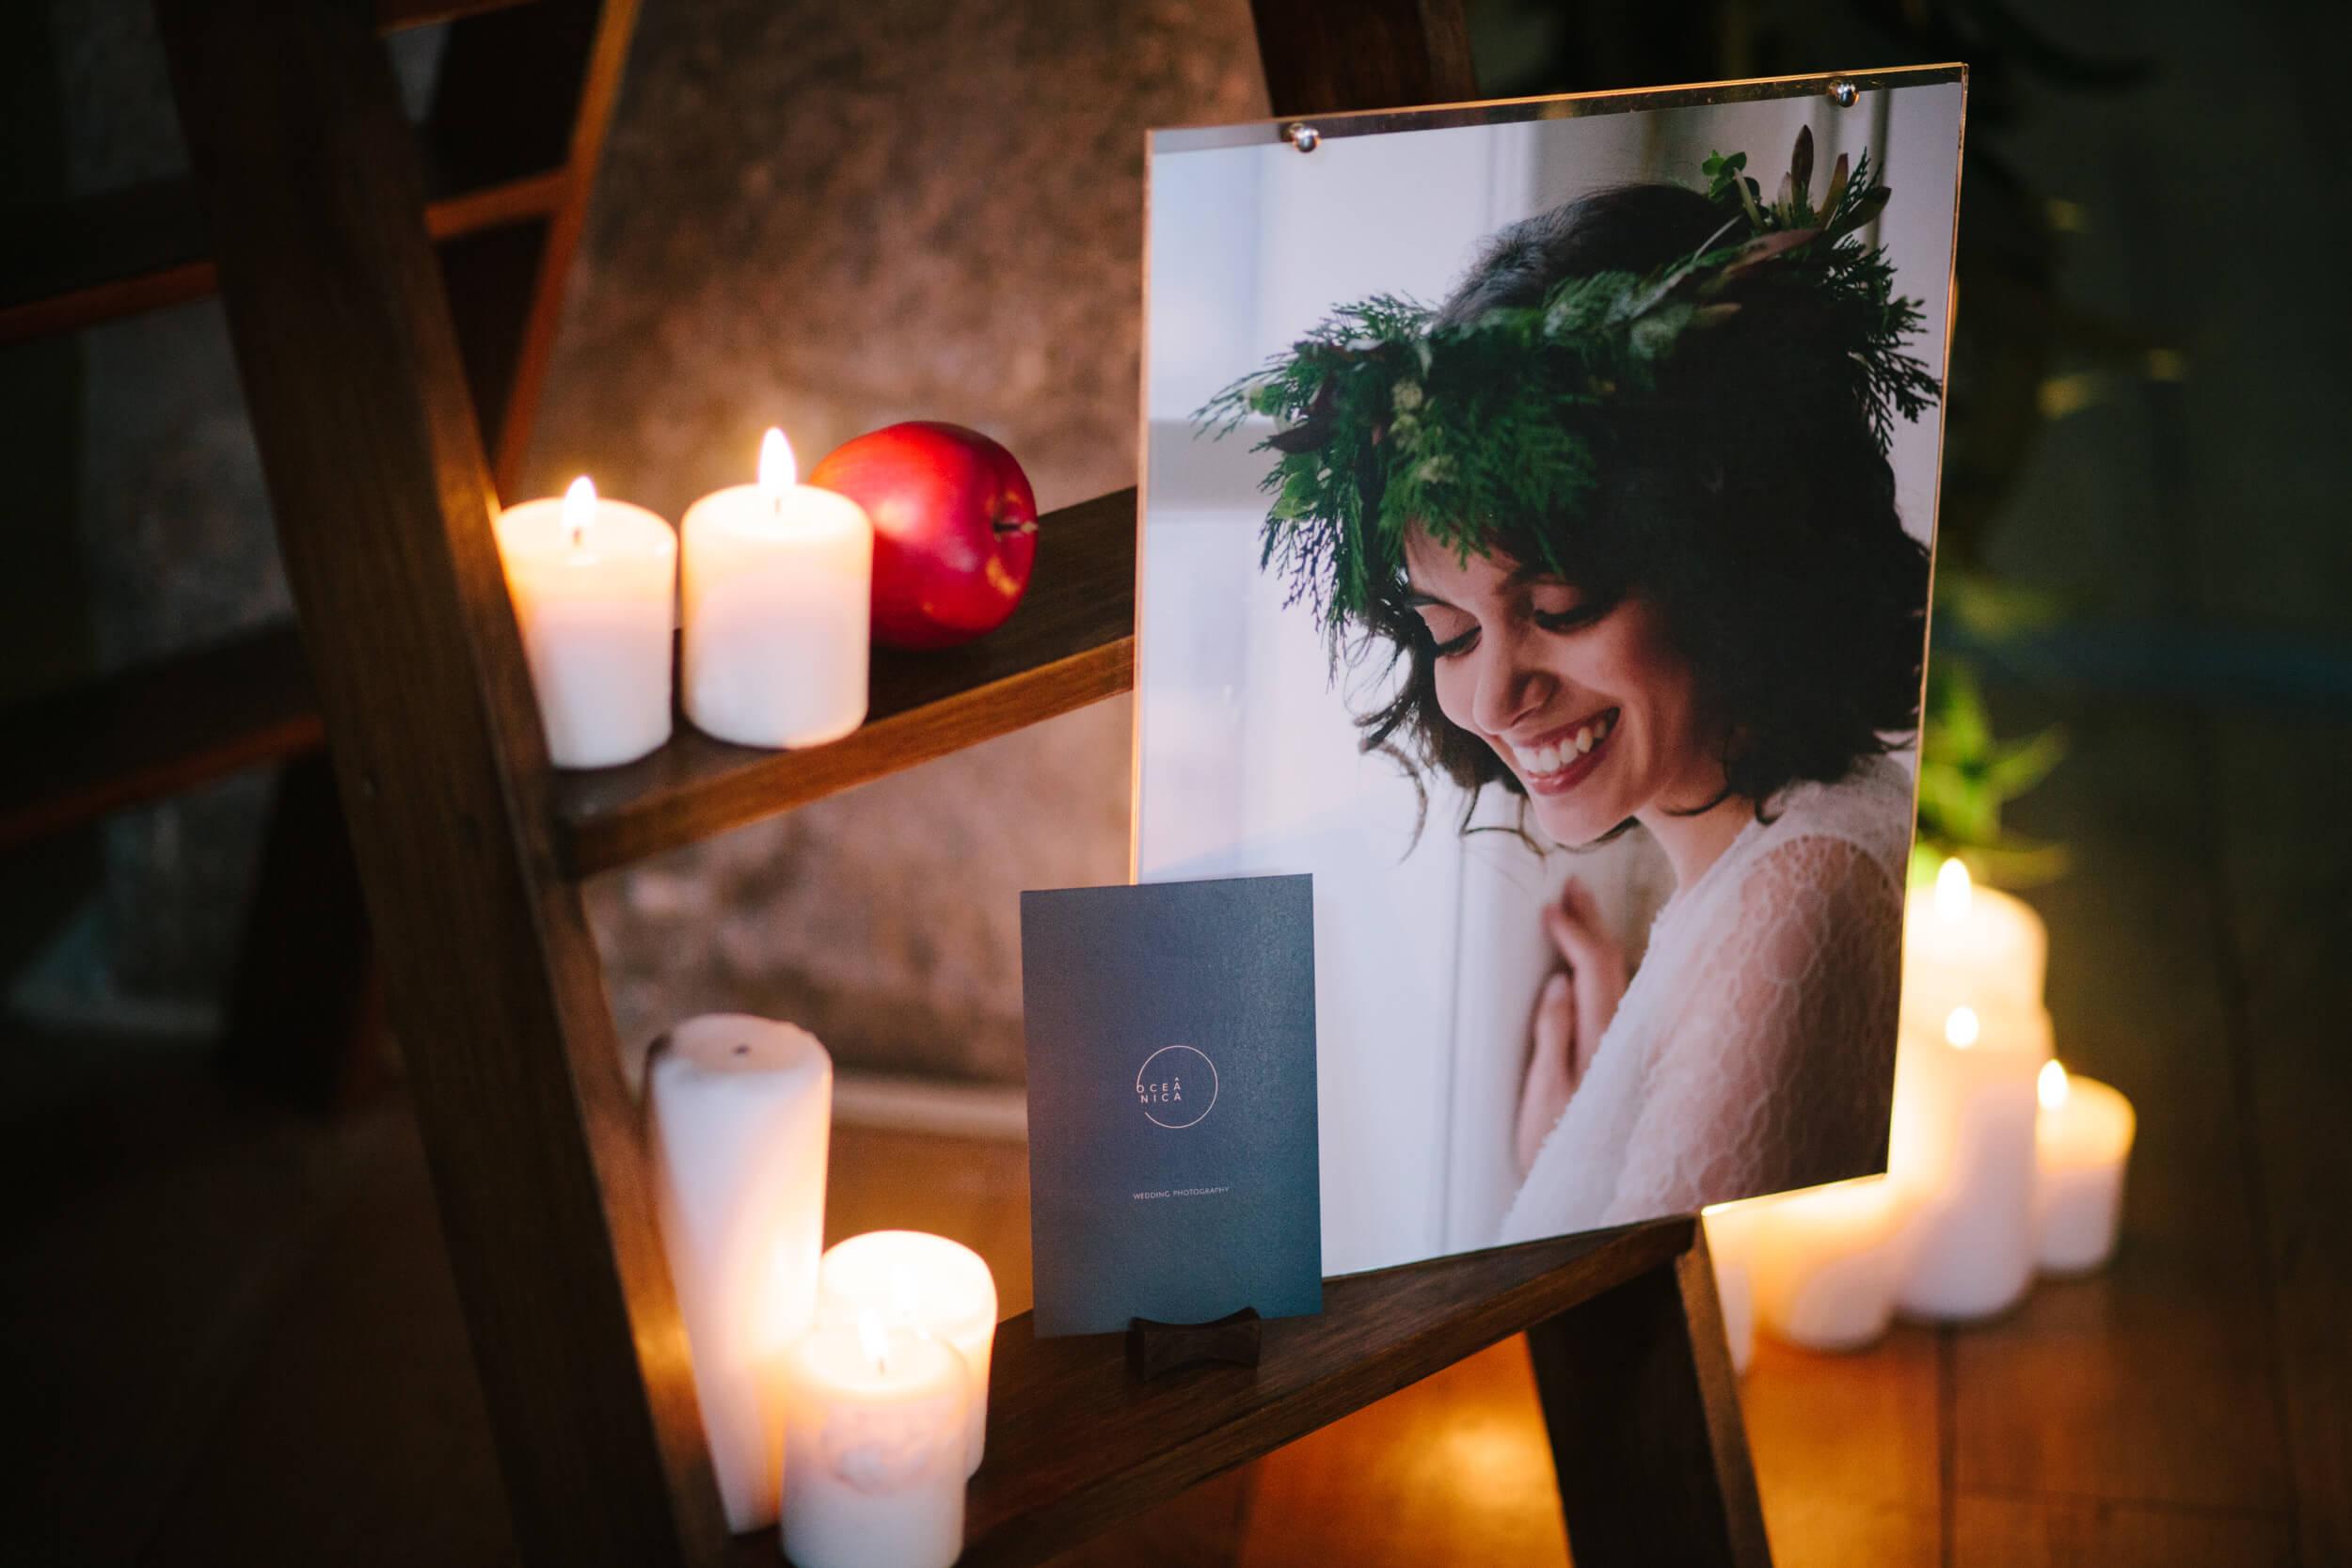 roma-organizacao-eventos-evento-queres-casar-comigo-6